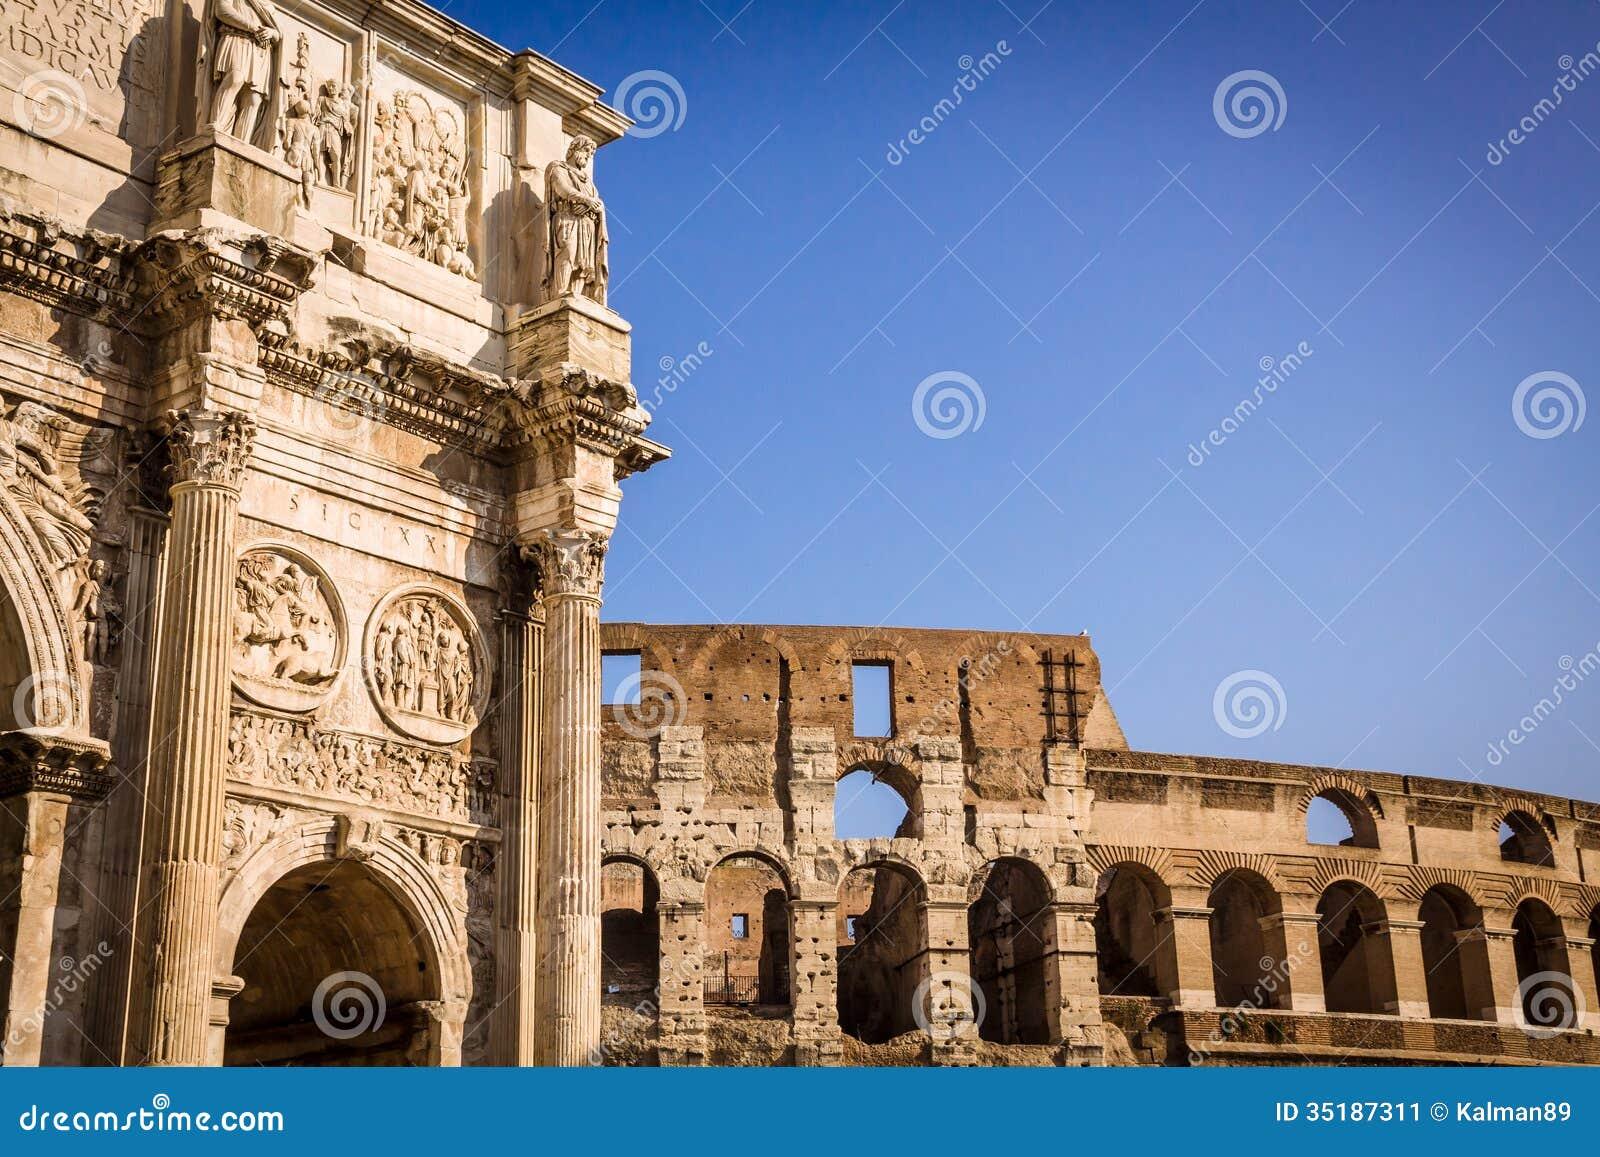 Ancient Roman Architecture Arch Roman Architecture